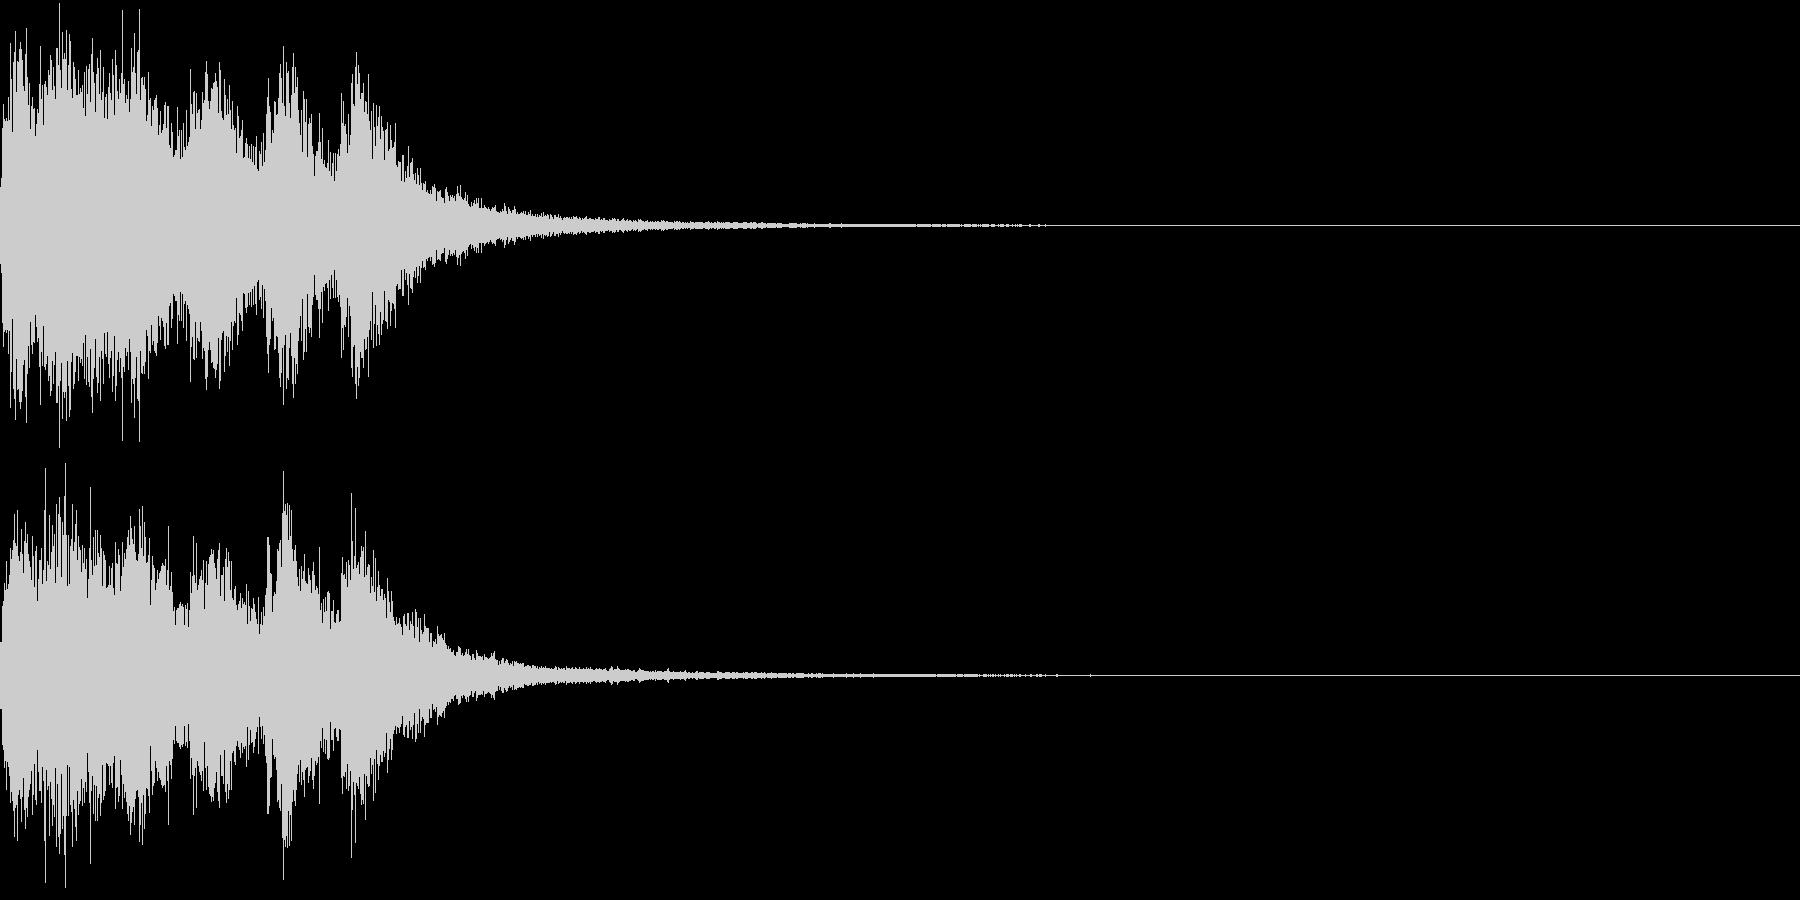 ファンファーレ オーケストラ 豪華 4の未再生の波形